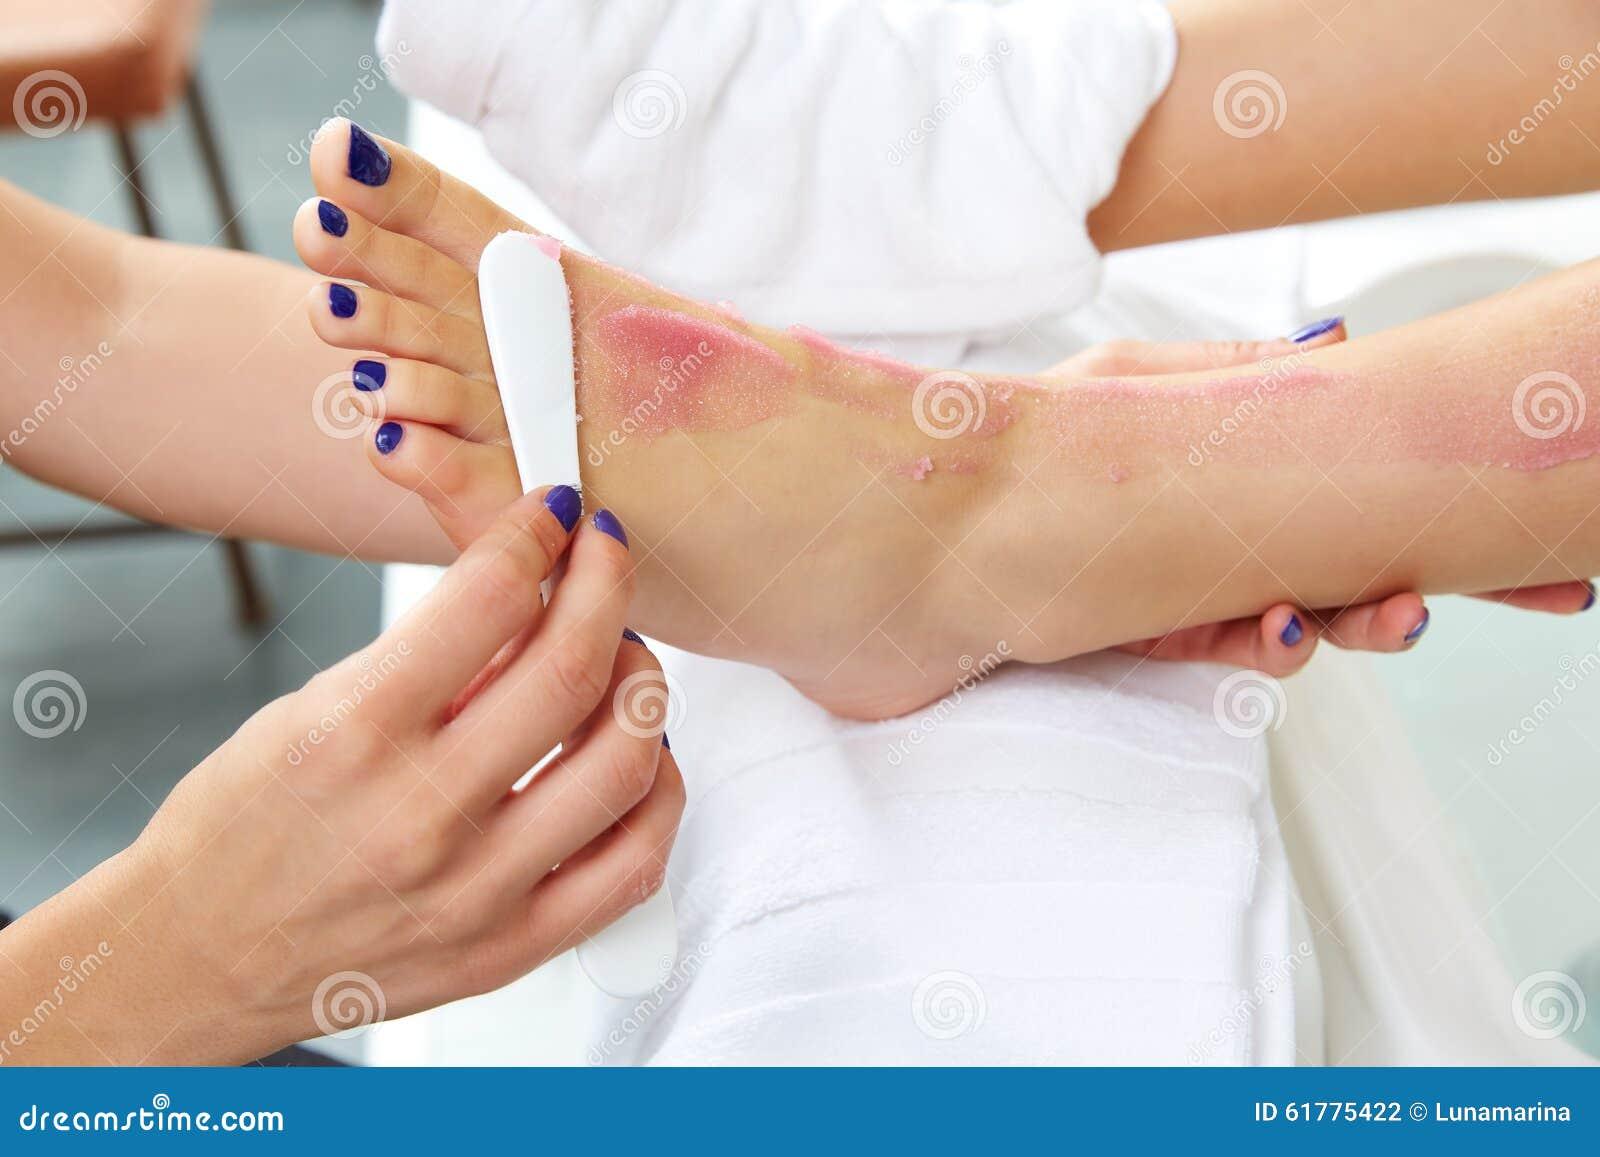 Foten skurar pedikyrkvinnan som benet spikar in salongen